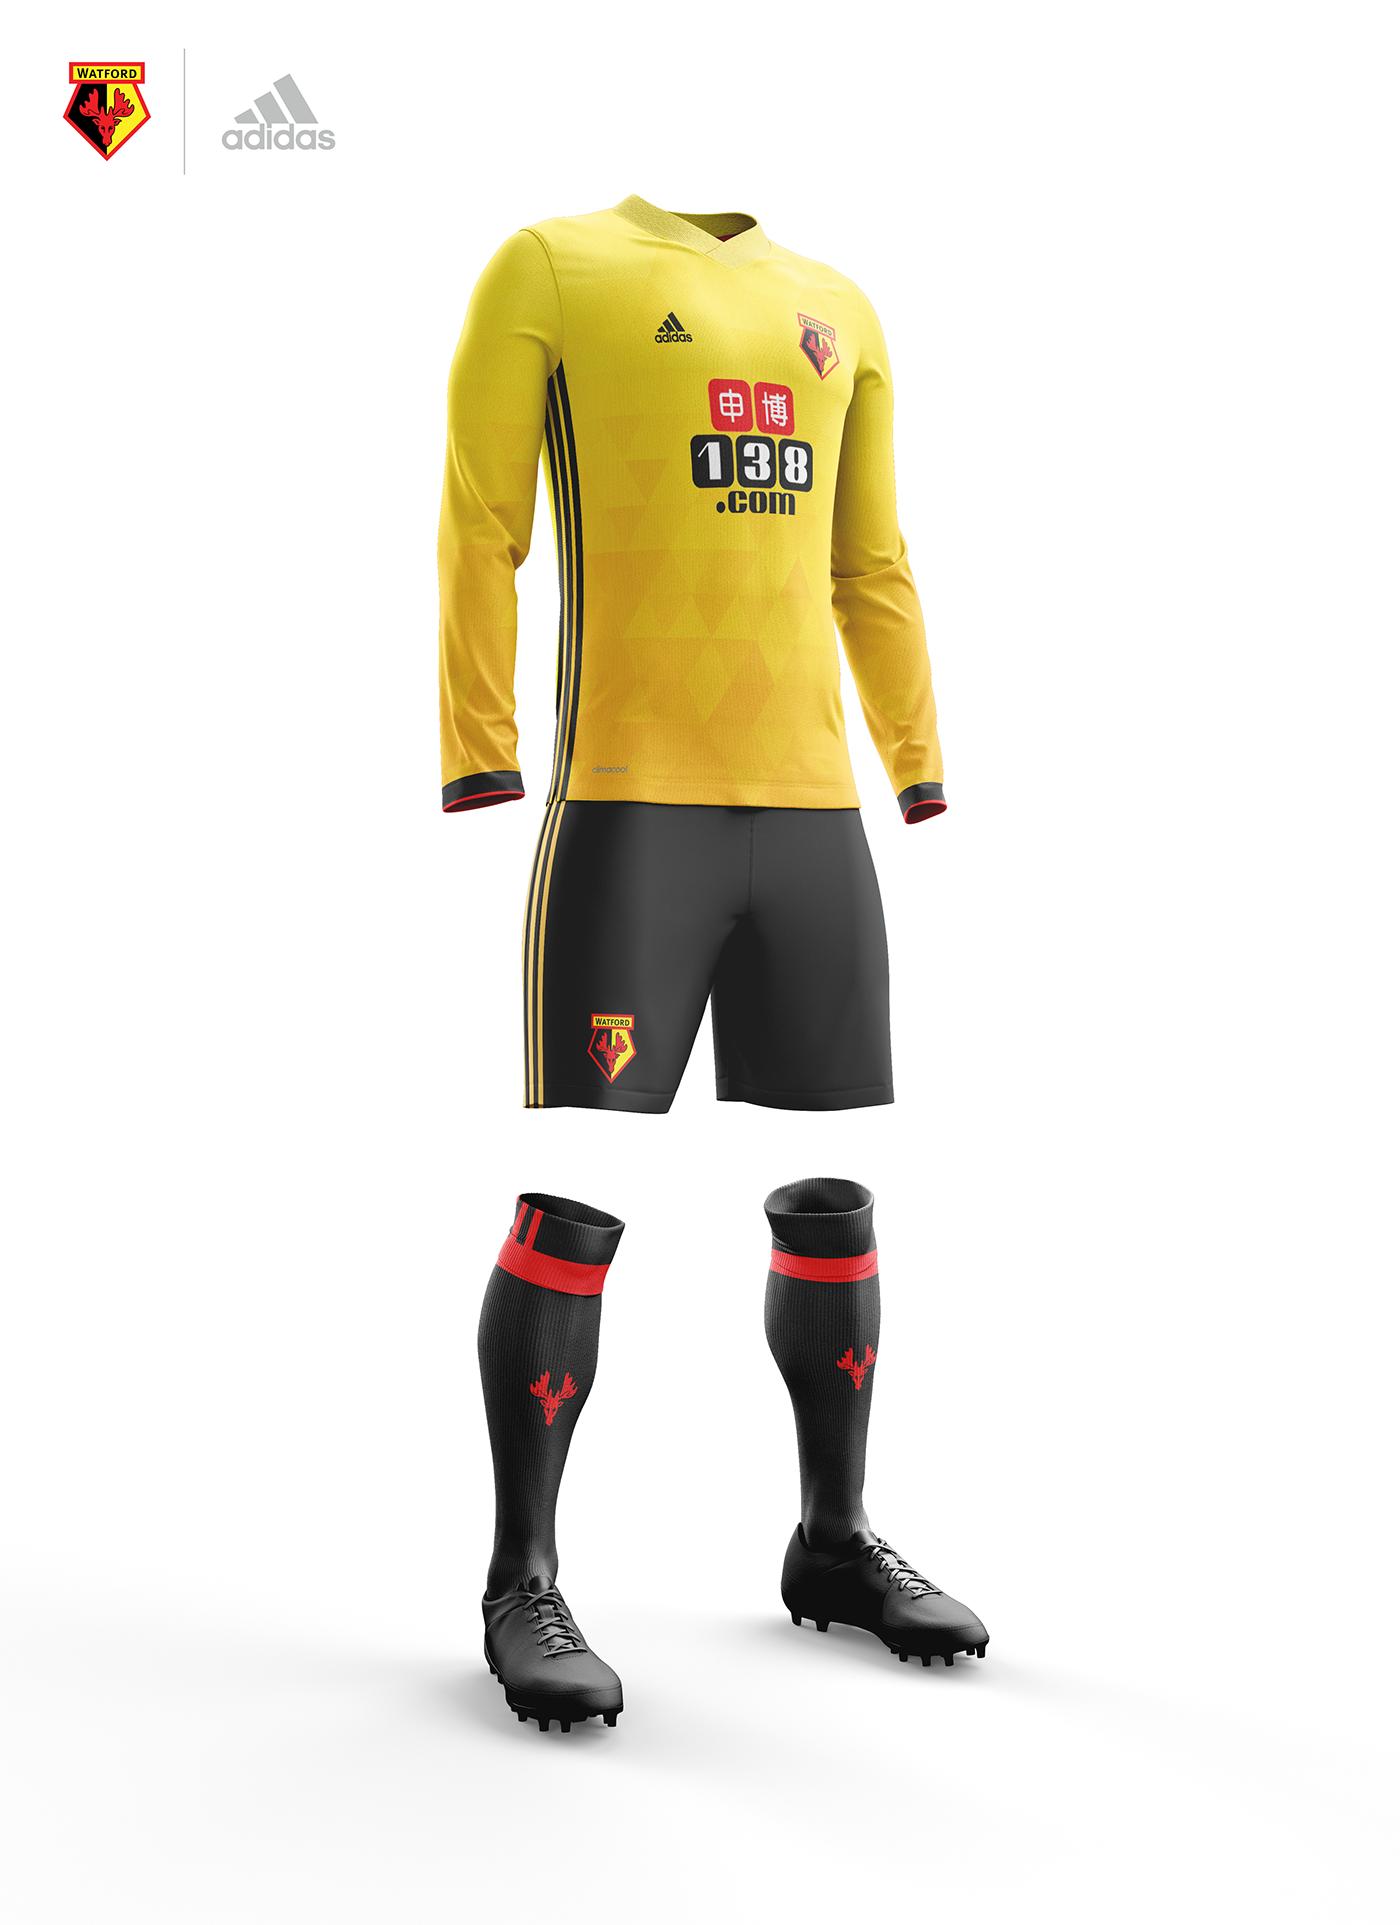 fddc8689a Watford FC on Behance